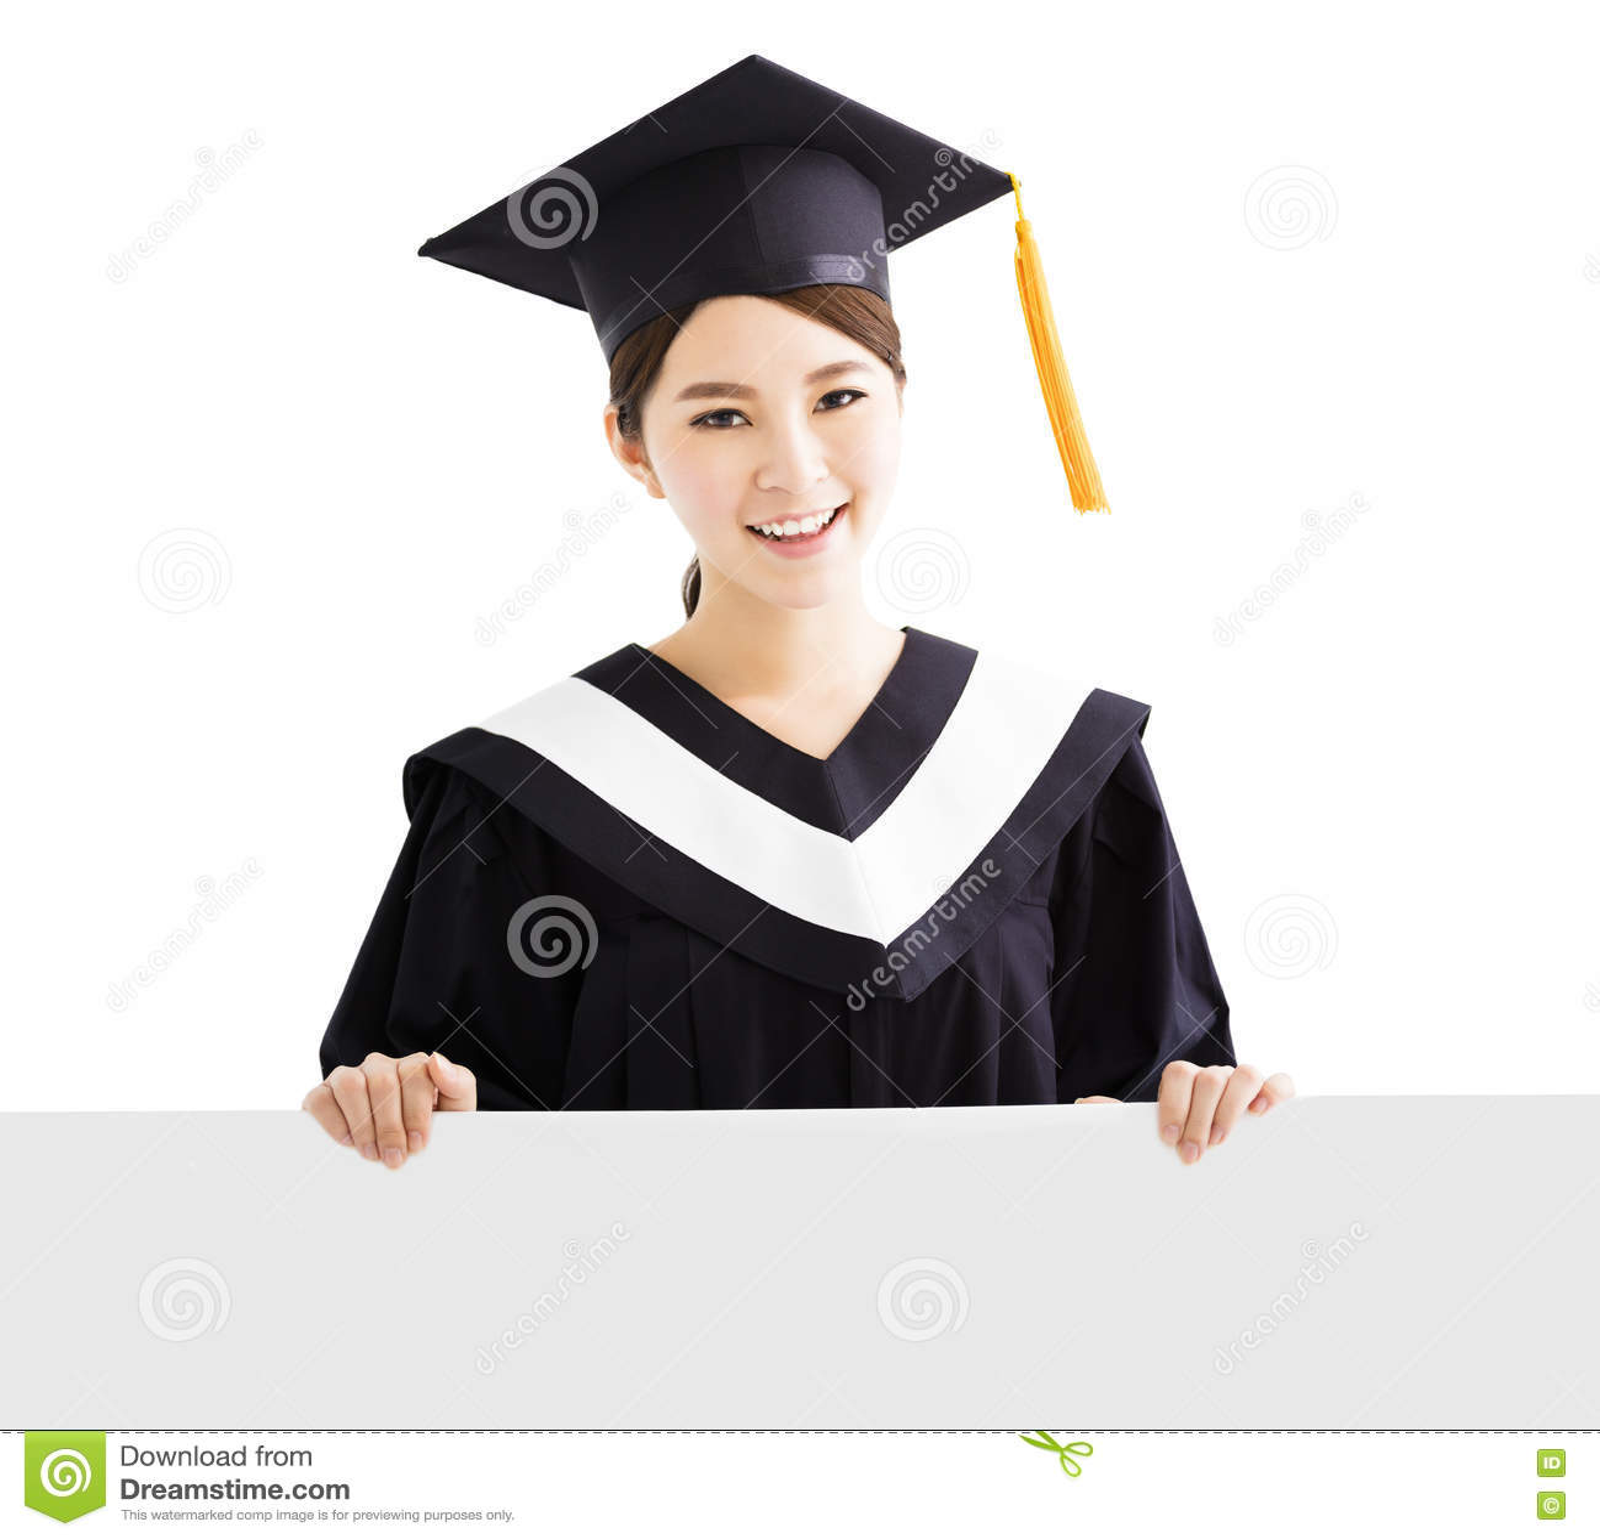 Woman In Graduation Gown Showing Blank Billboard Stock